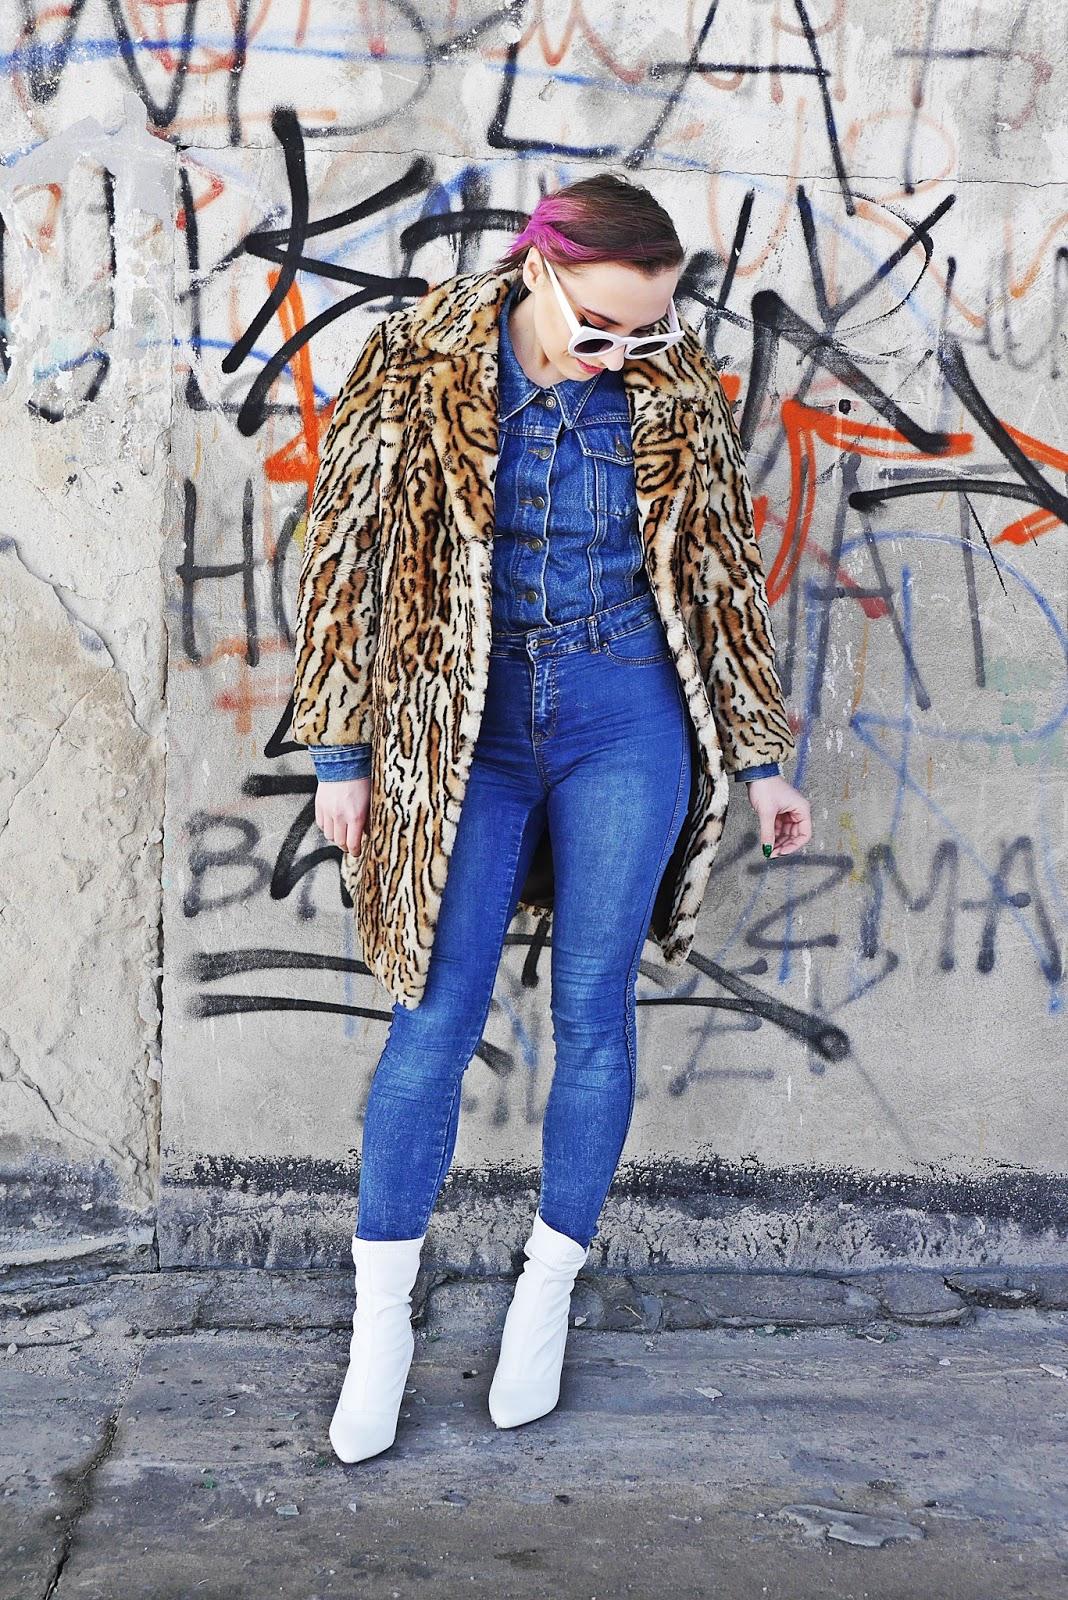 3_renee_biale_botki_futerko_w_panterke_jeansowe_spodnie_180318sd